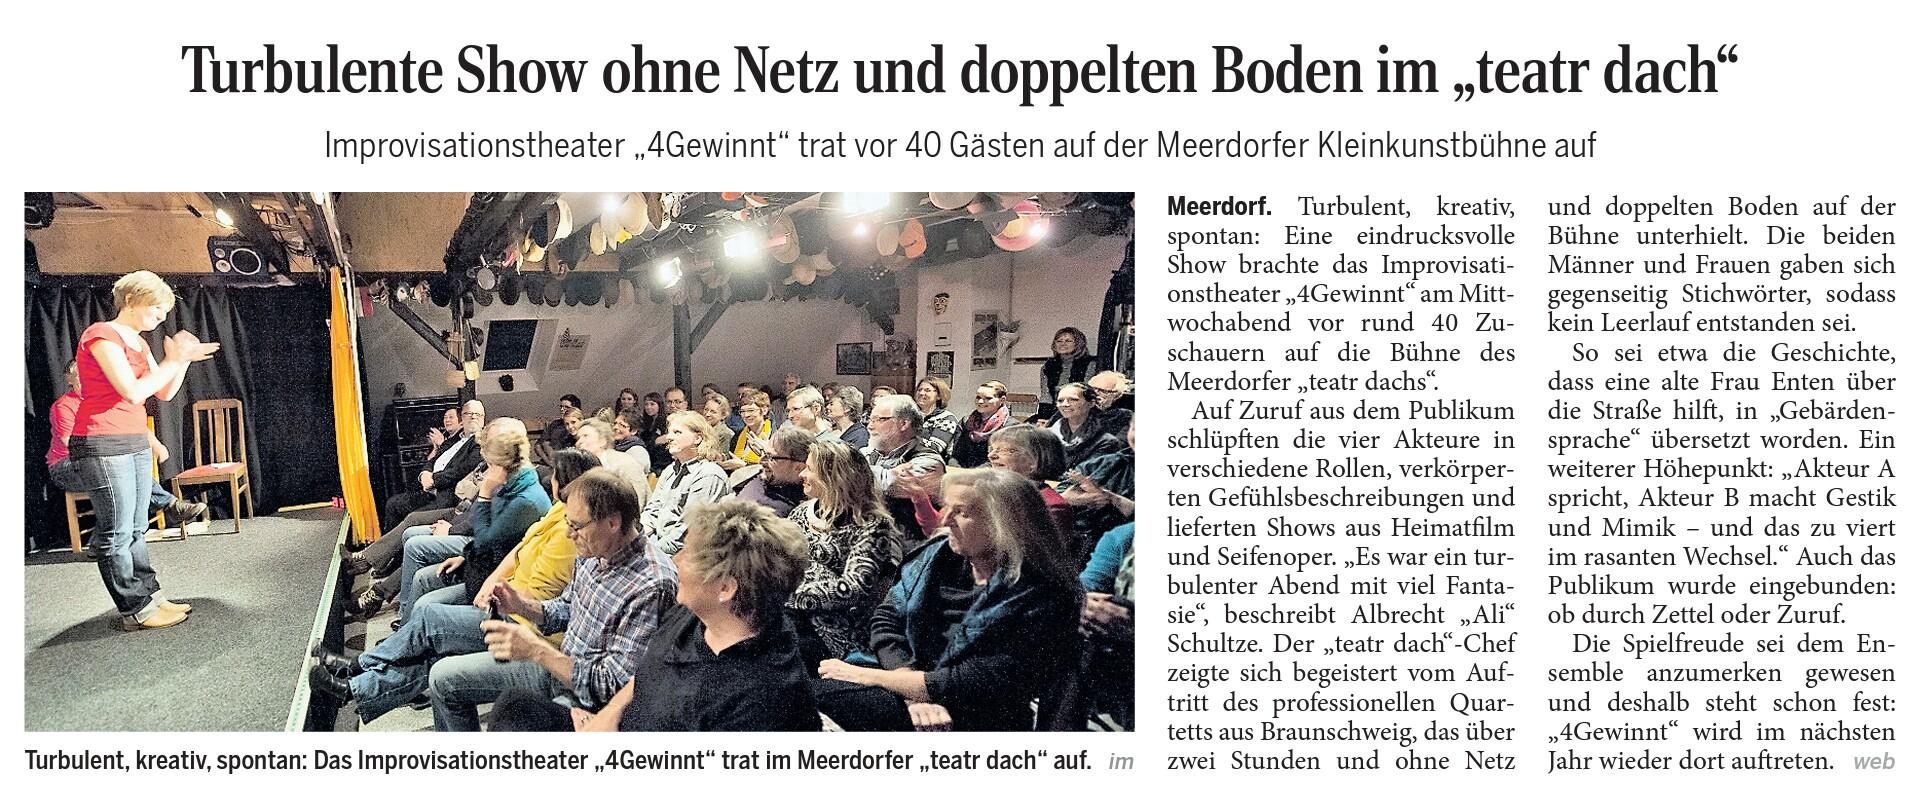 Presse: Turbulente Show ohne Netz und doppelten Boden im teatr dach